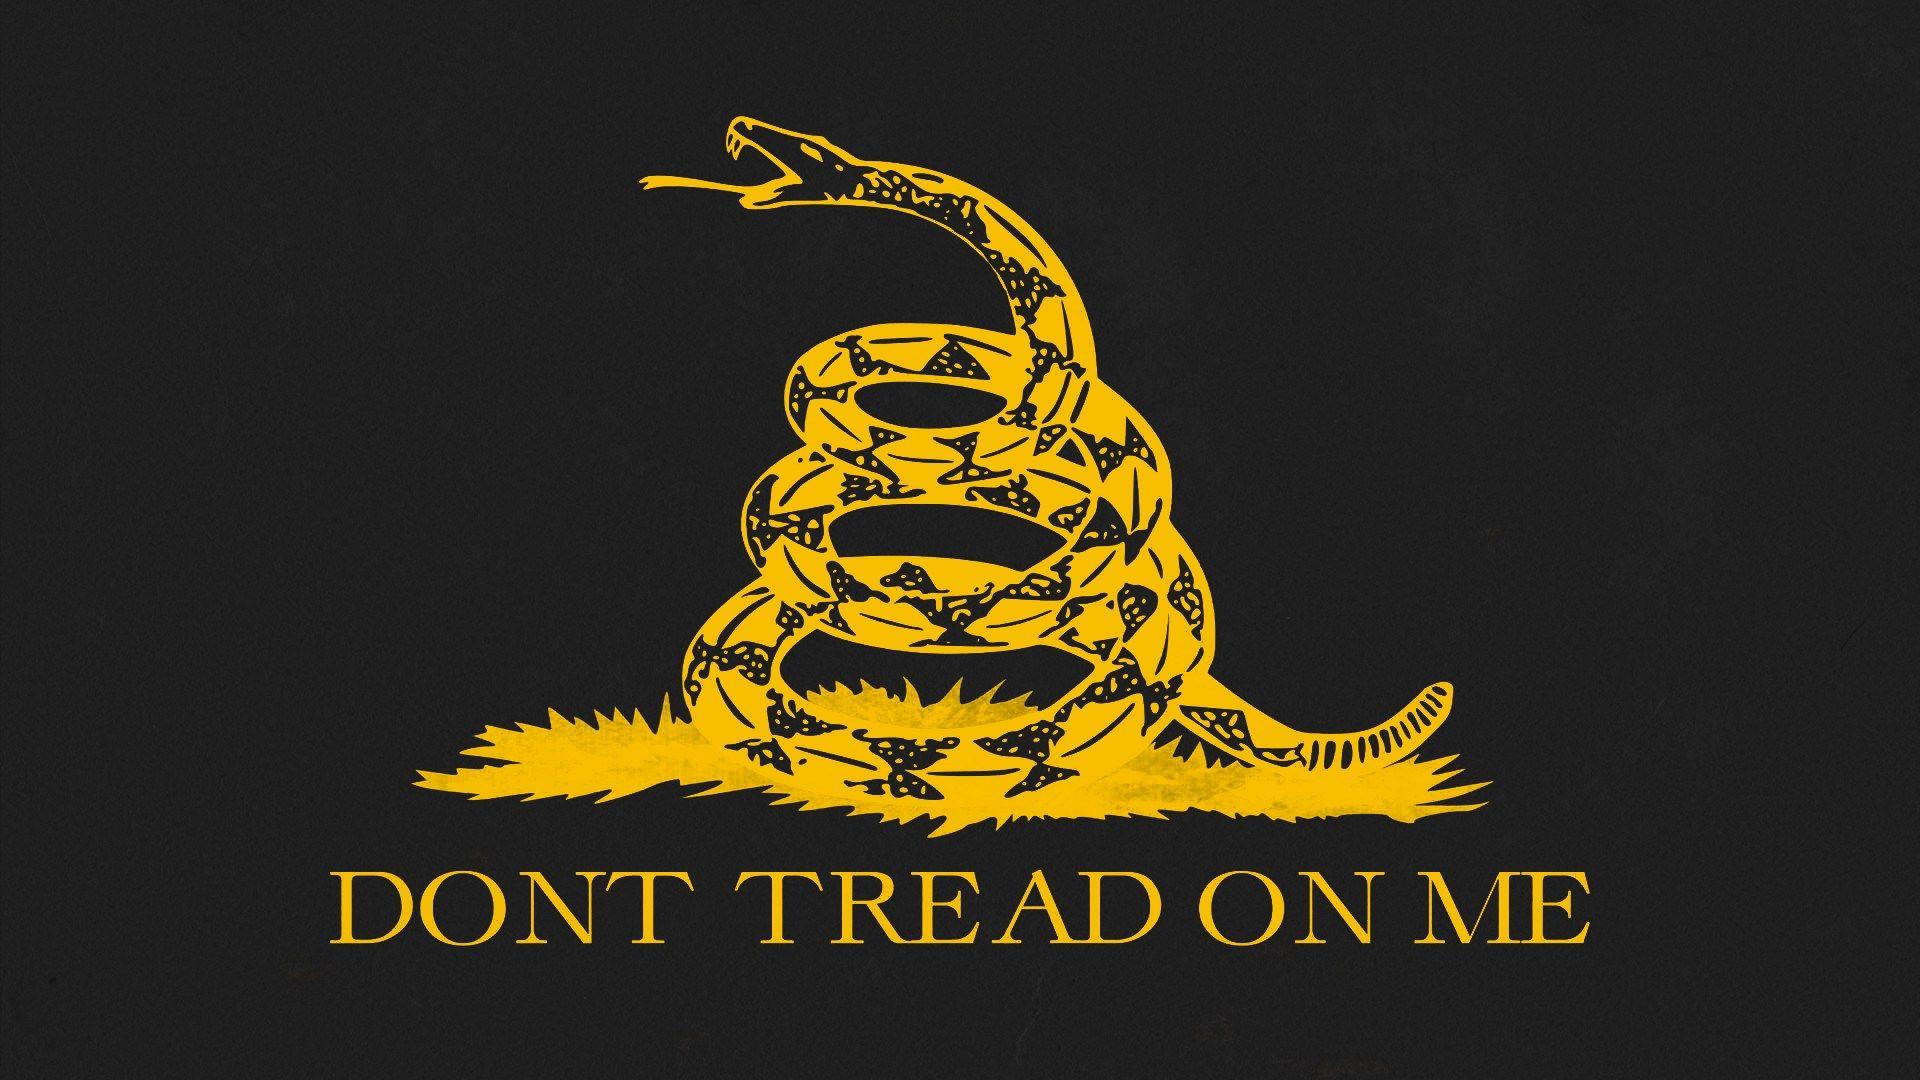 Обои snake, Dont tread on me, Metallica. Музыка foto 14